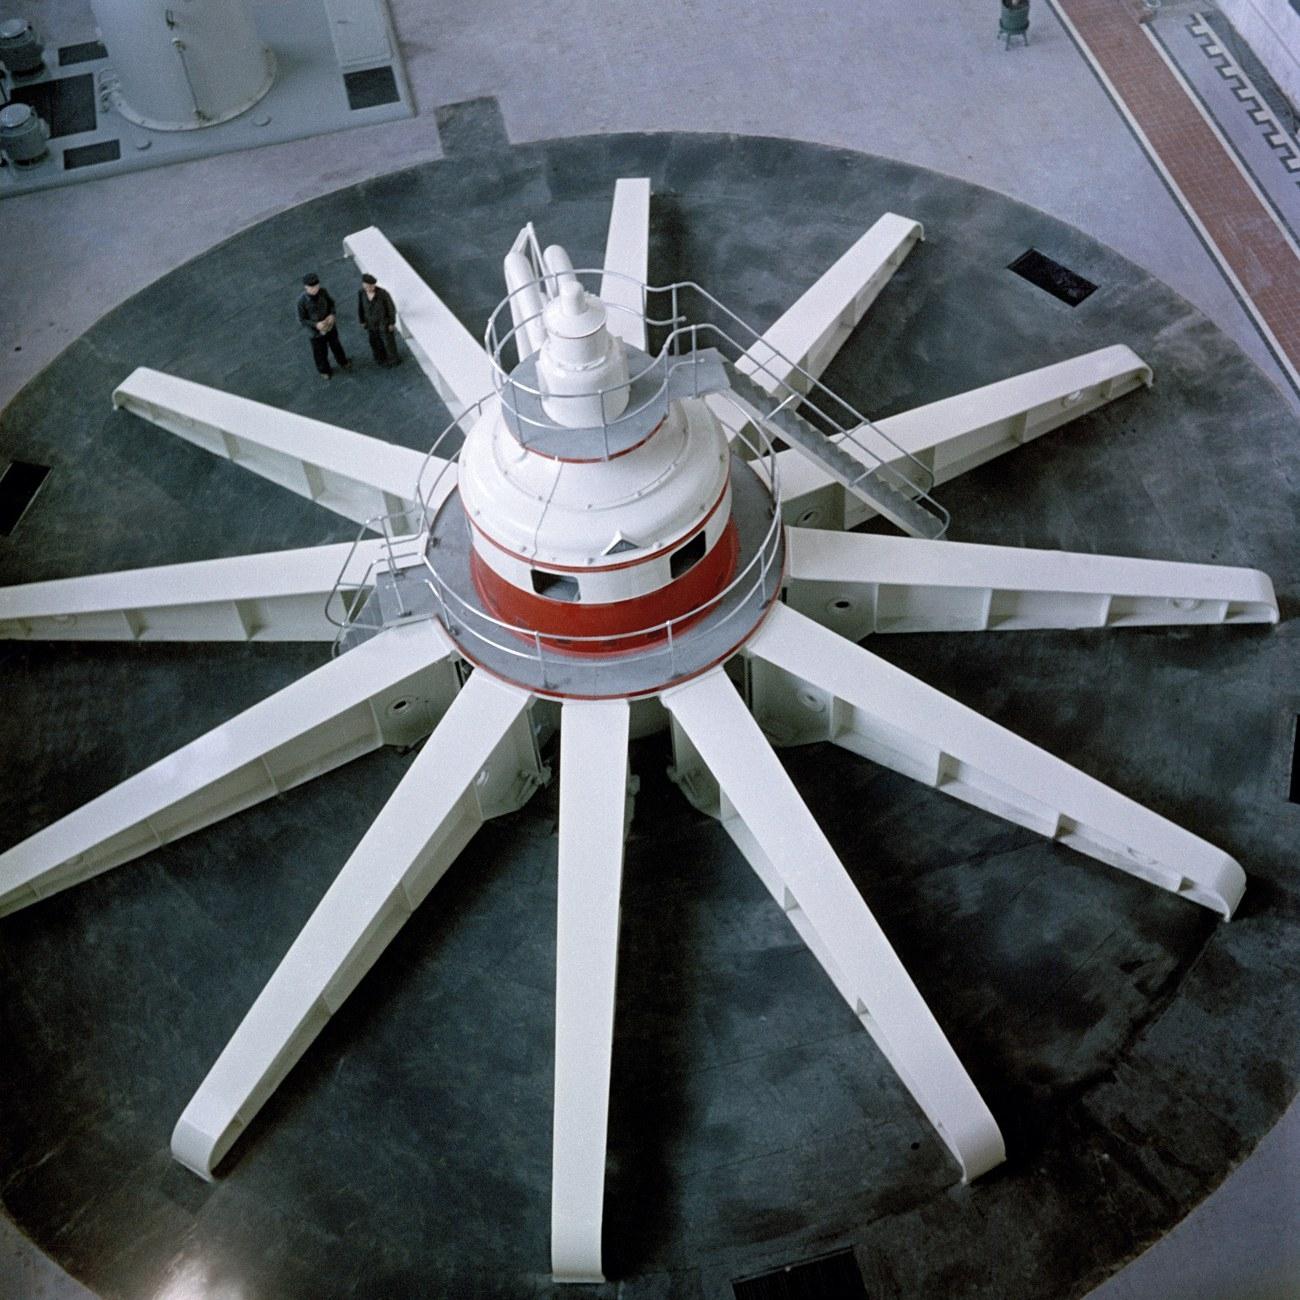 Turbina gigantesca na hidroelétrica de Samara, construída nos anos 1950. Apesar de importante, obras como essa pouco fizeram para melhorar a produtividade da indústria soviética. [via English Russia]